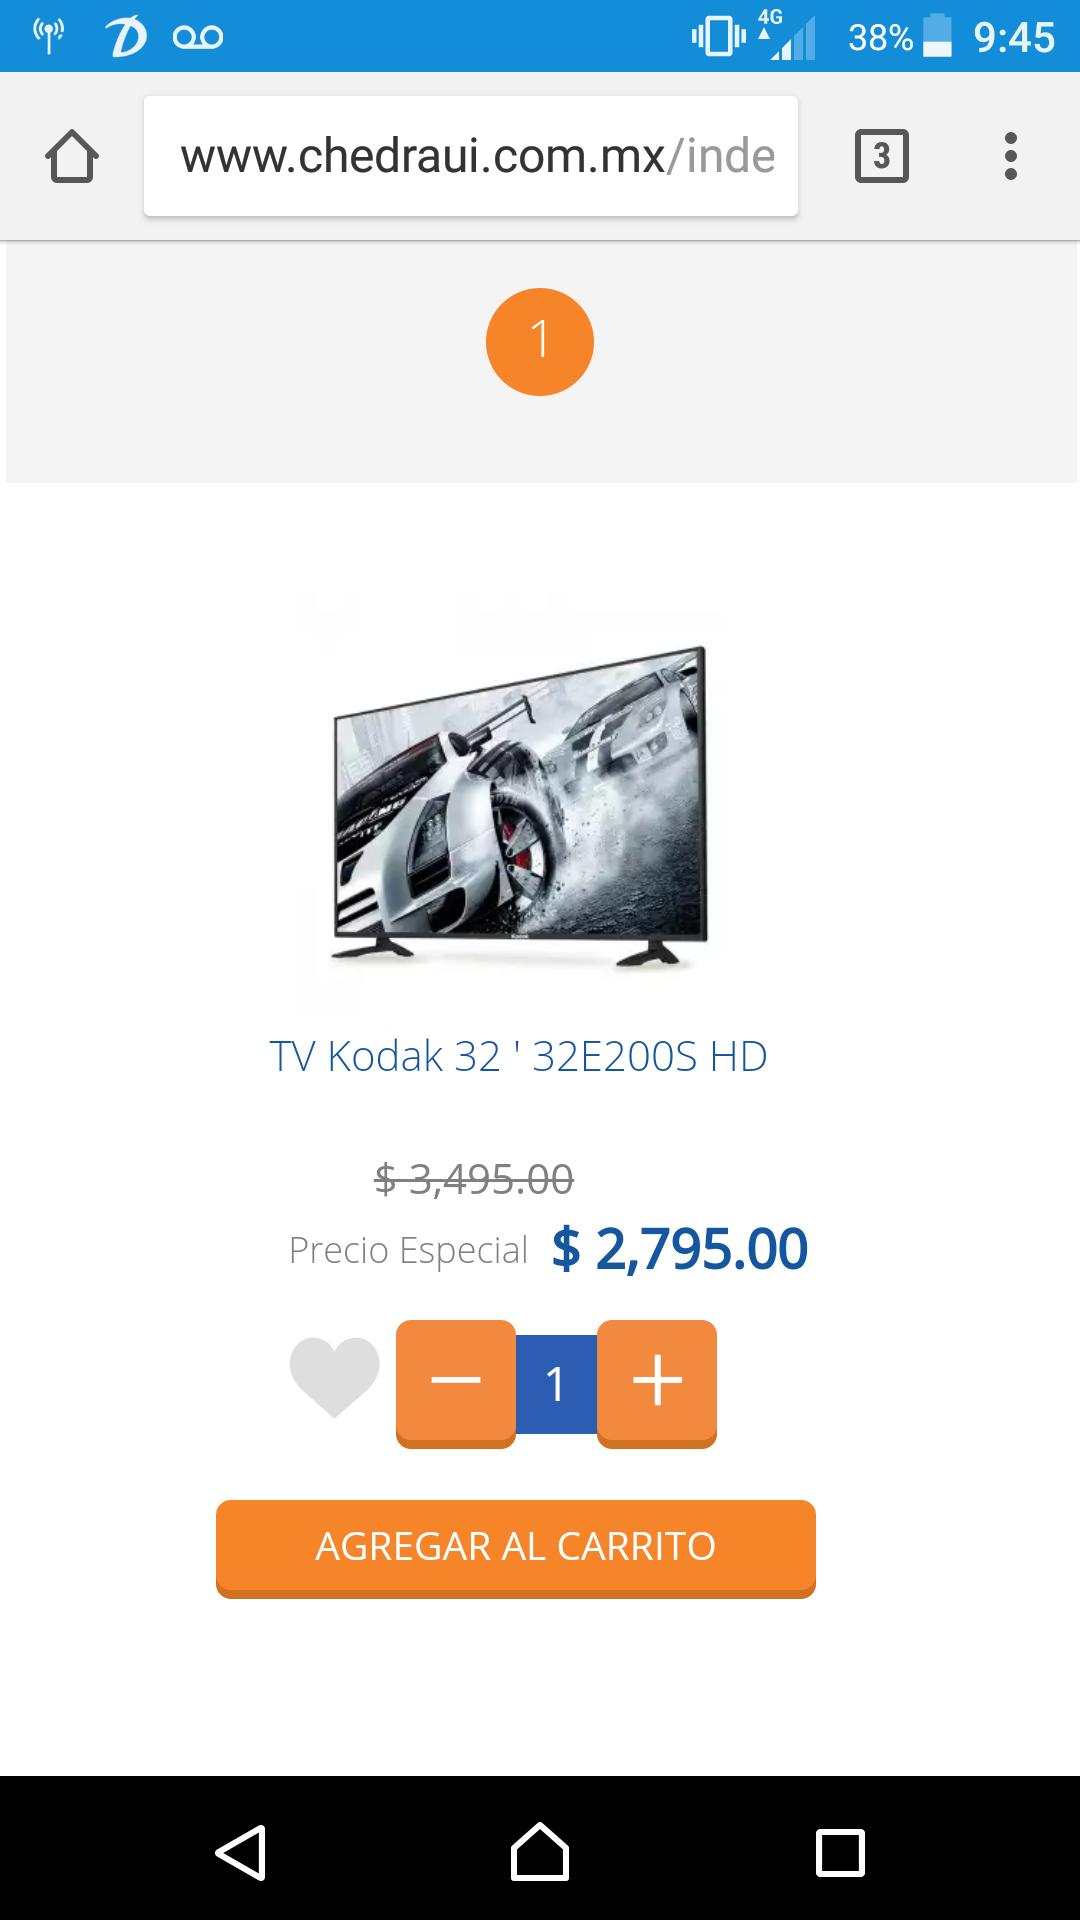 """Chedraui: Pantalla Led Kodak 32"""" HD, precio publicado usando cupón"""